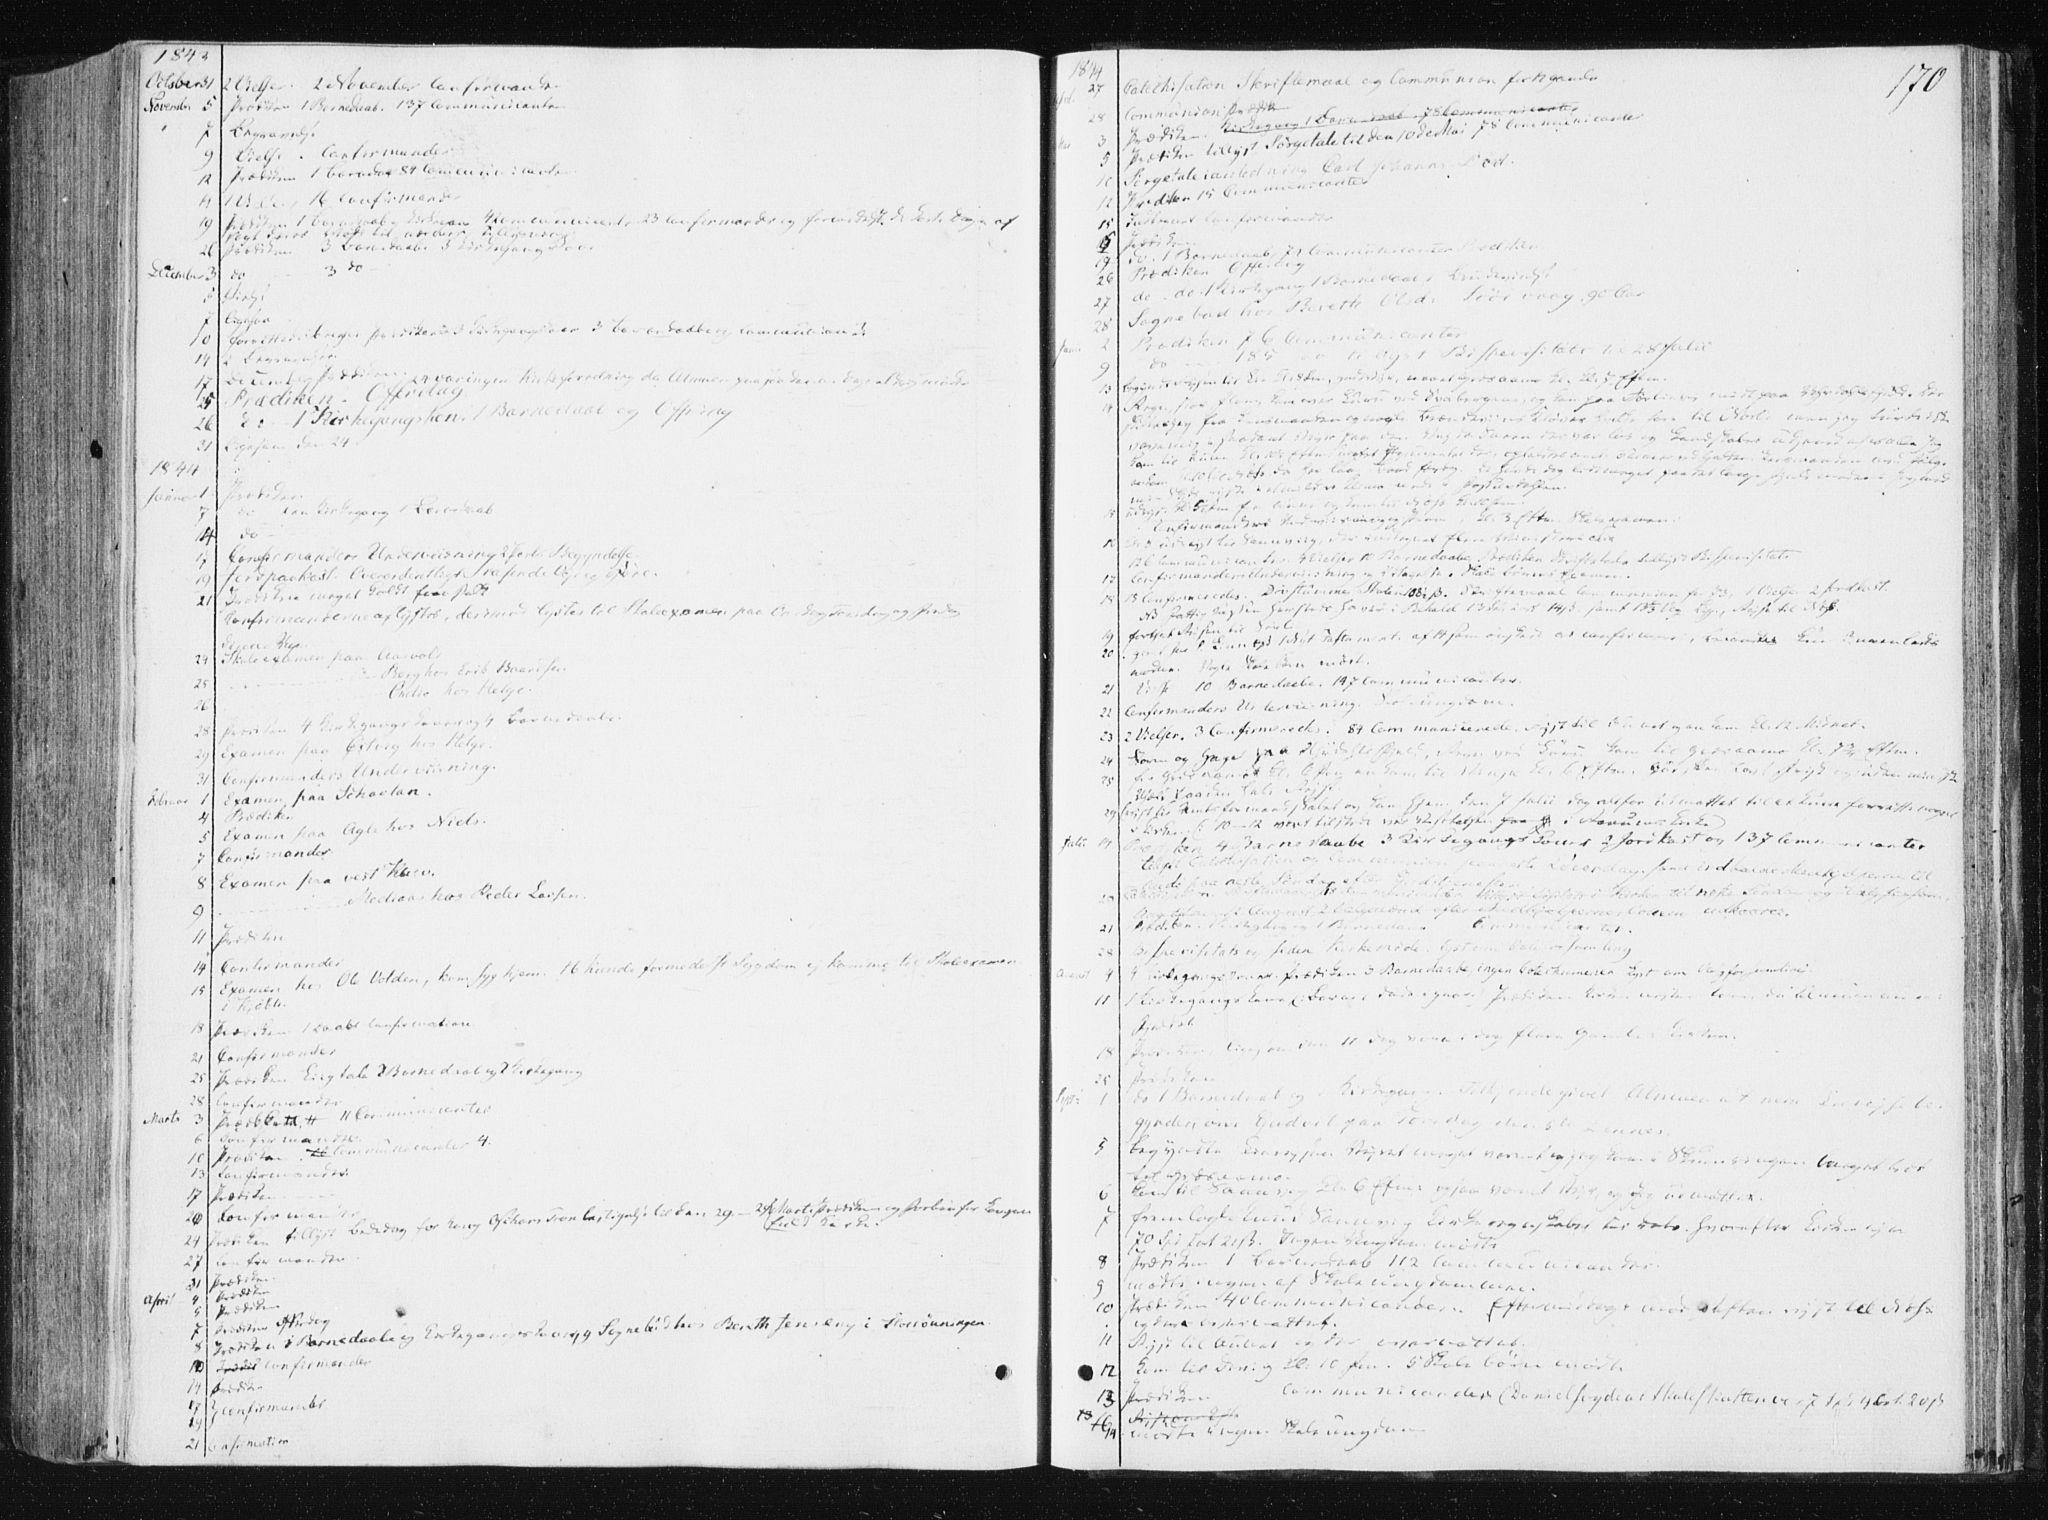 SAT, Ministerialprotokoller, klokkerbøker og fødselsregistre - Nord-Trøndelag, 749/L0470: Ministerialbok nr. 749A04, 1834-1853, s. 170